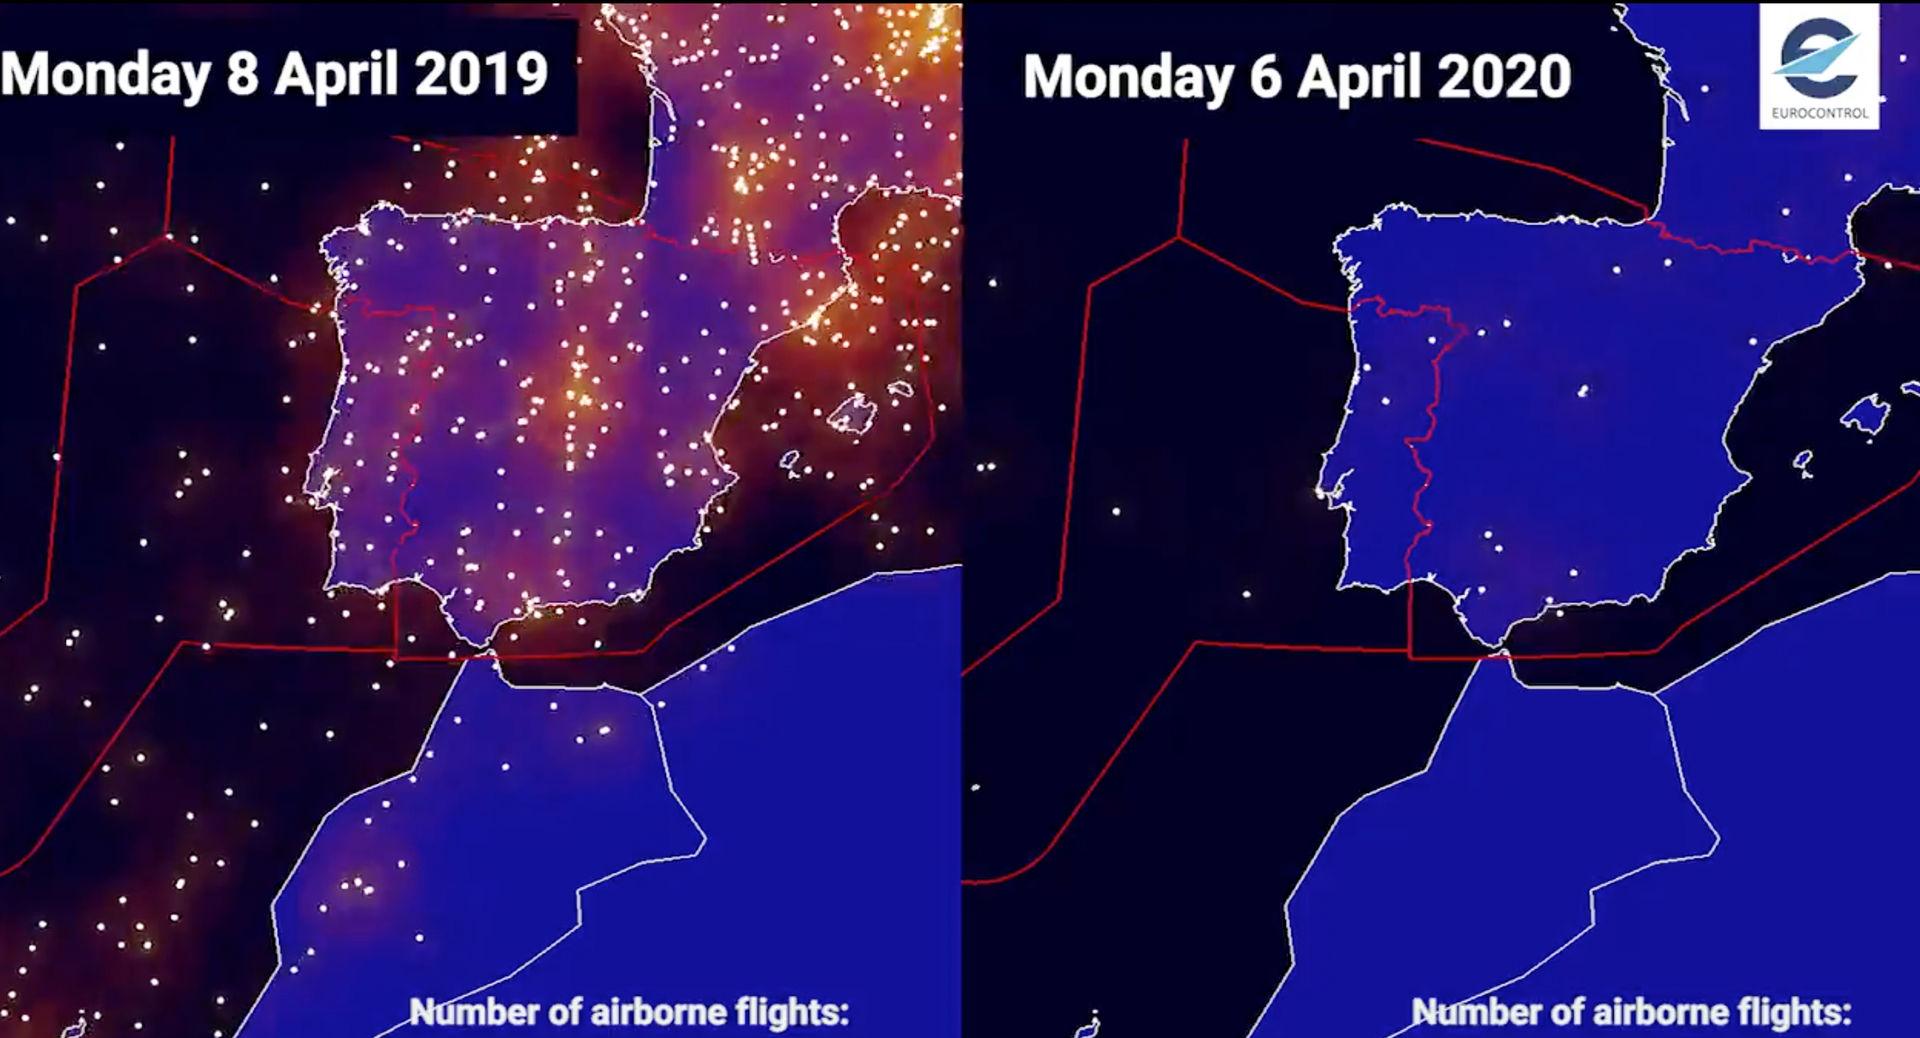 España Sin Aviones Los Gráficos Que Muestran La Reducción Del Tráfico Aéreo Por El Coronavirus Libre Mercado